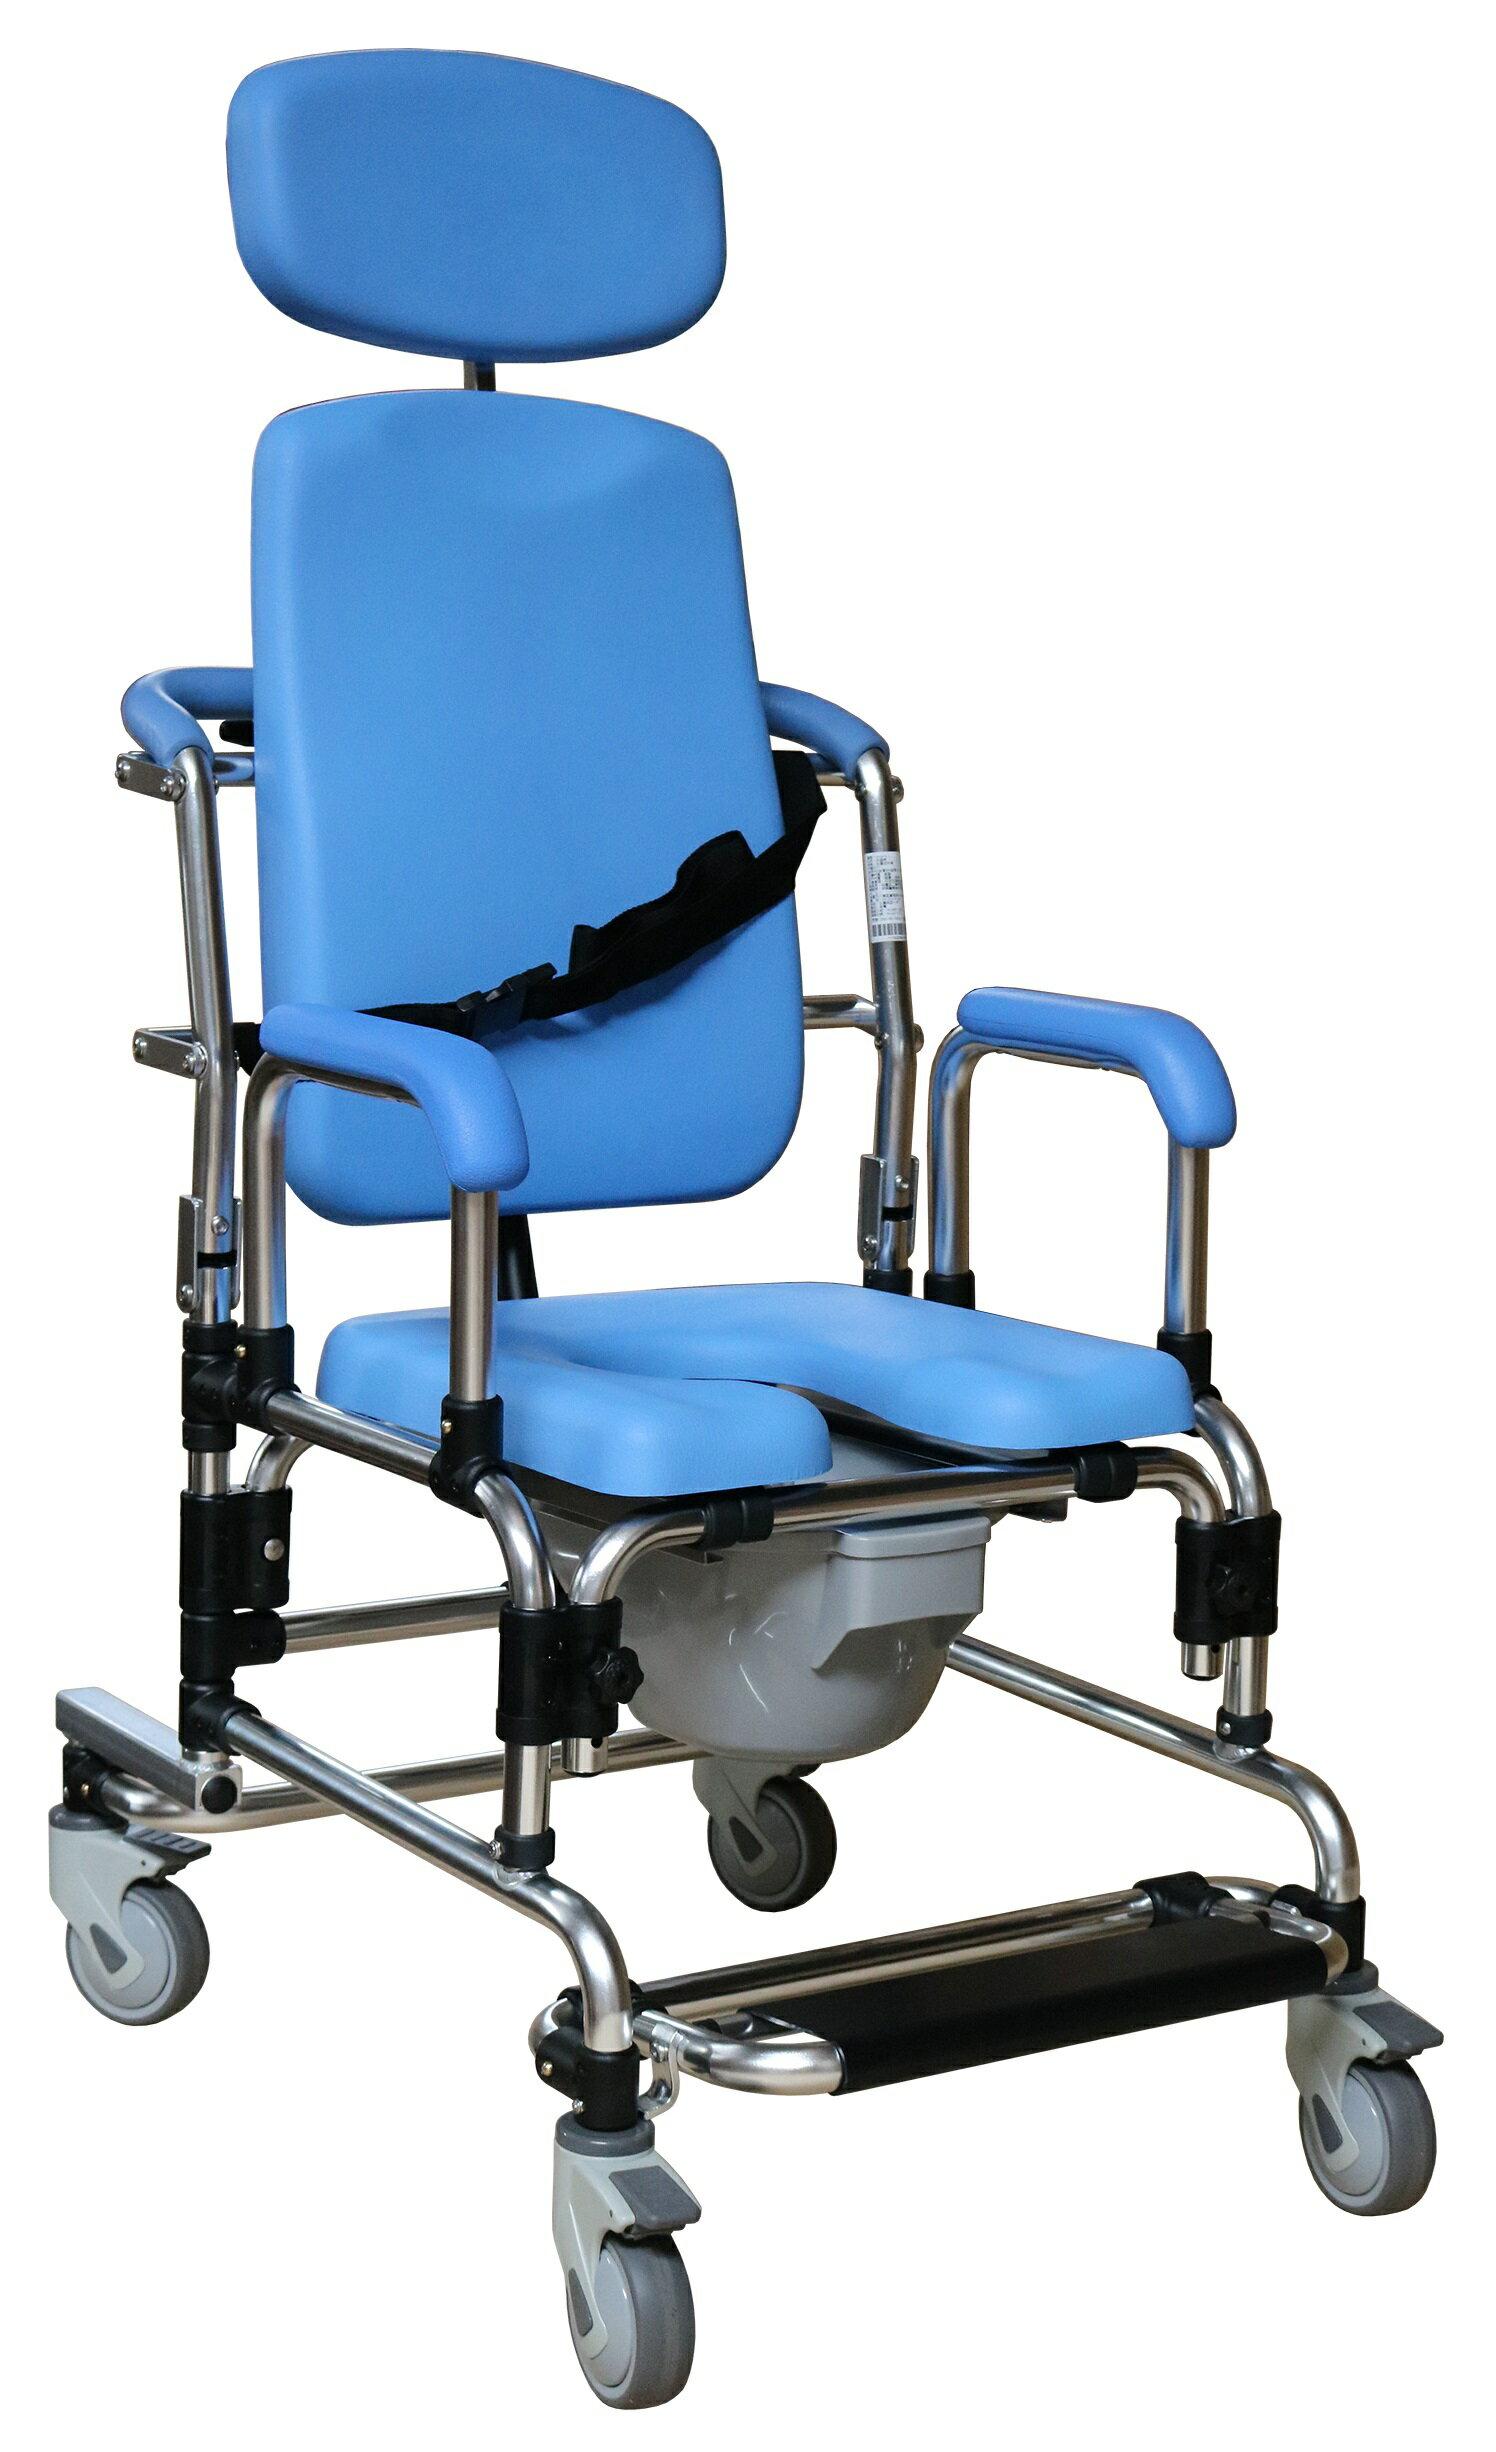 旗艦型洗澡椅/便器椅 防頃斜專利踏板 全PU坐背墊 動力輔助起身及後躺功能